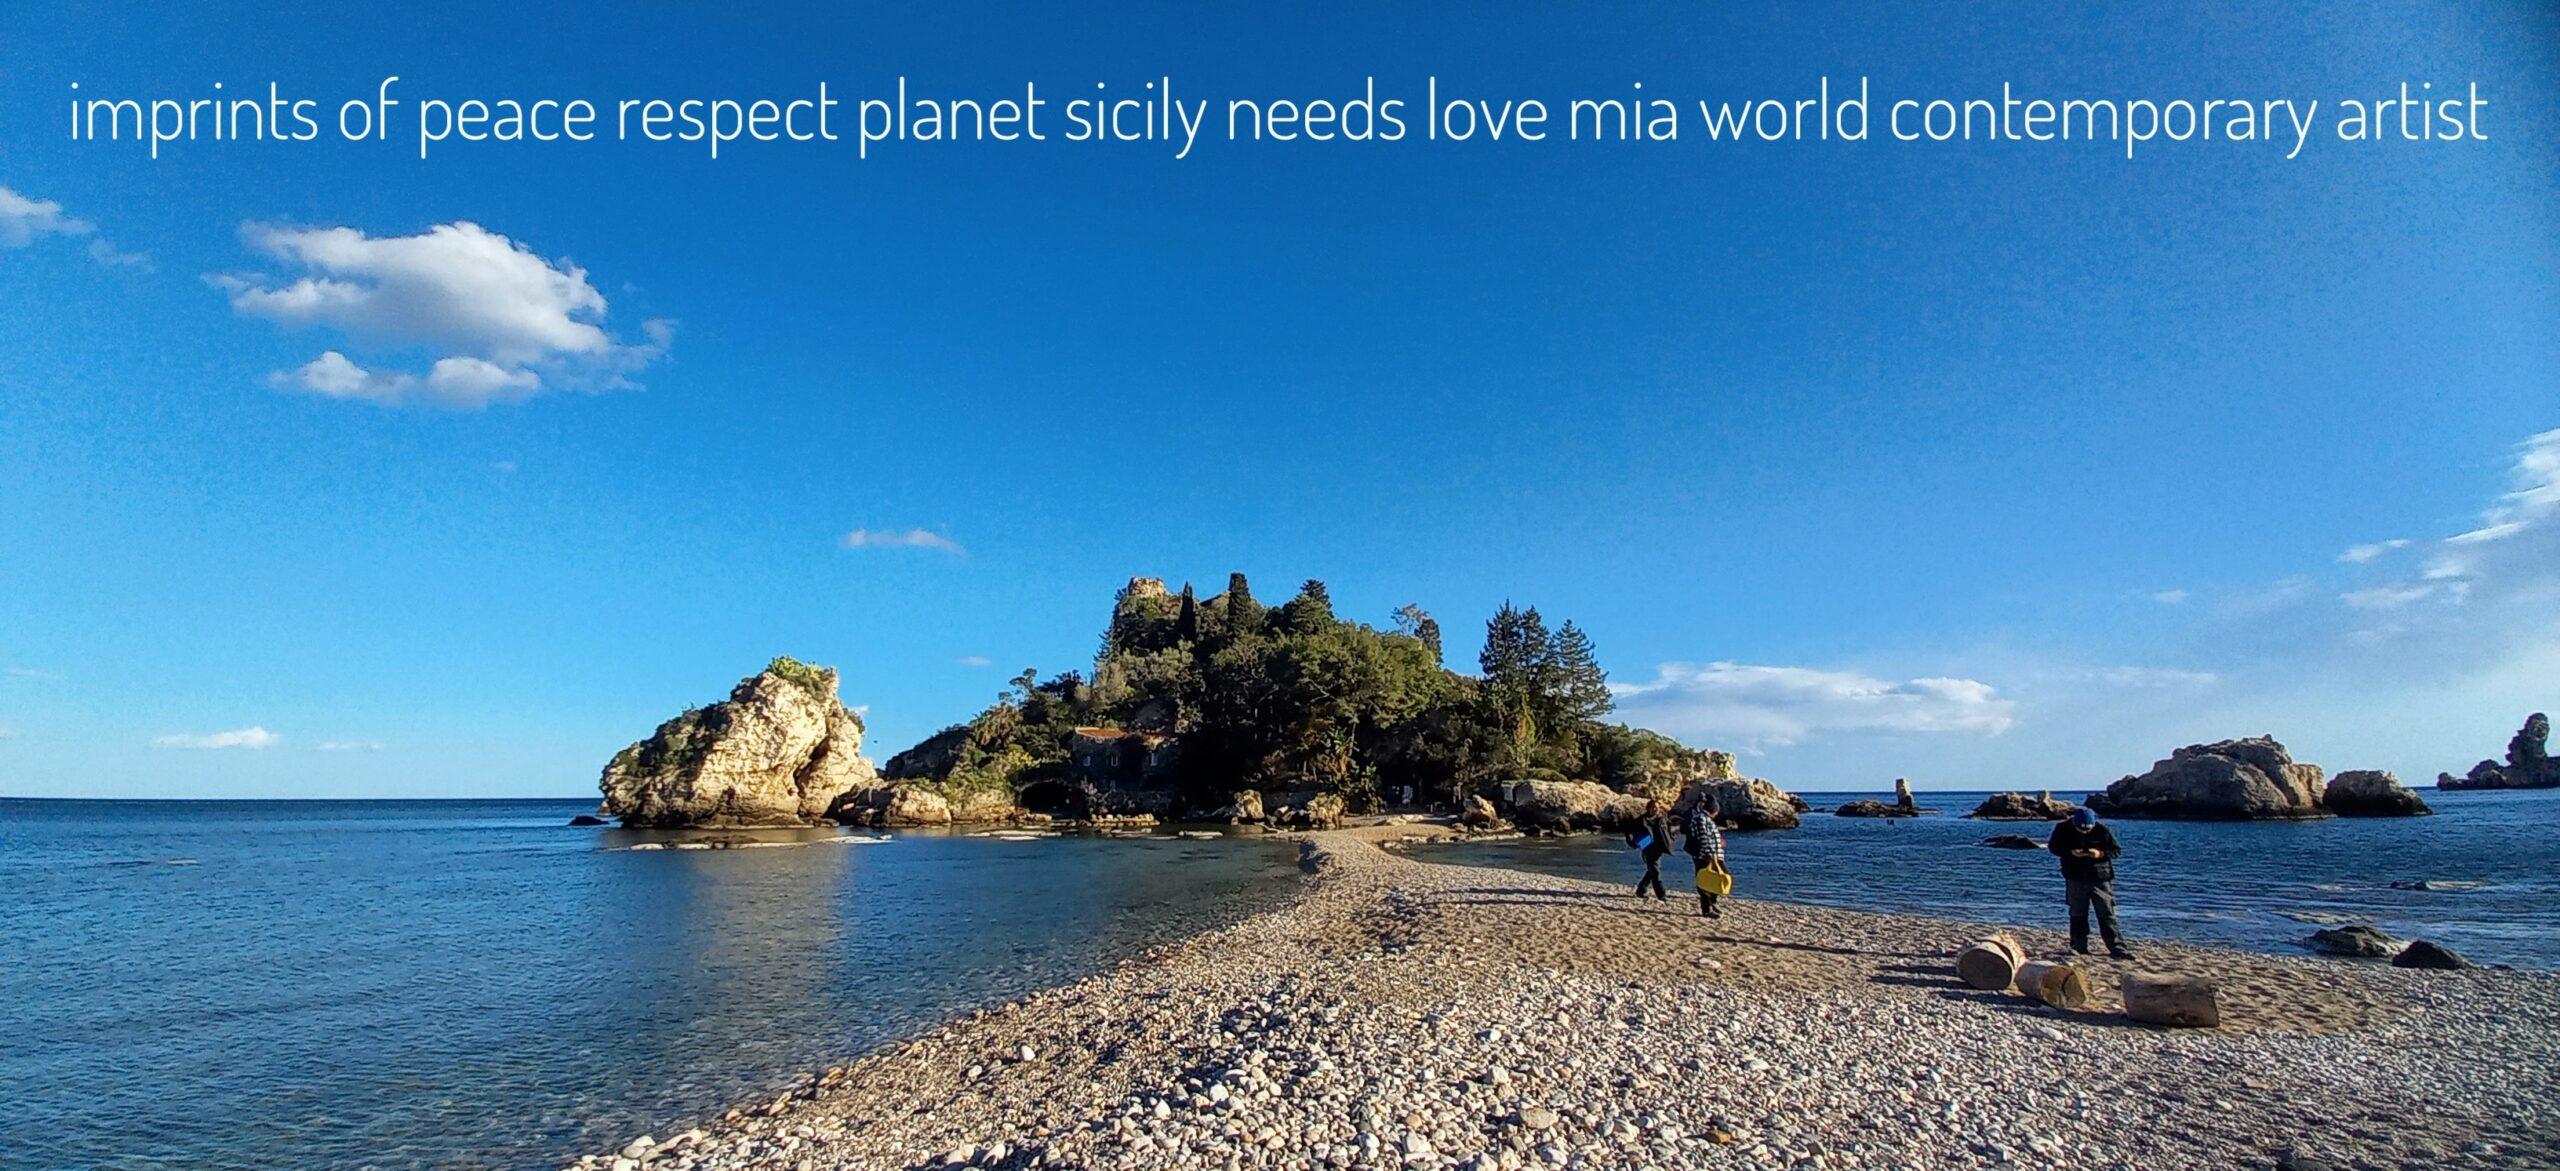 Ogni cosa in natura splende di luce divina. Taormina, Isola Bella